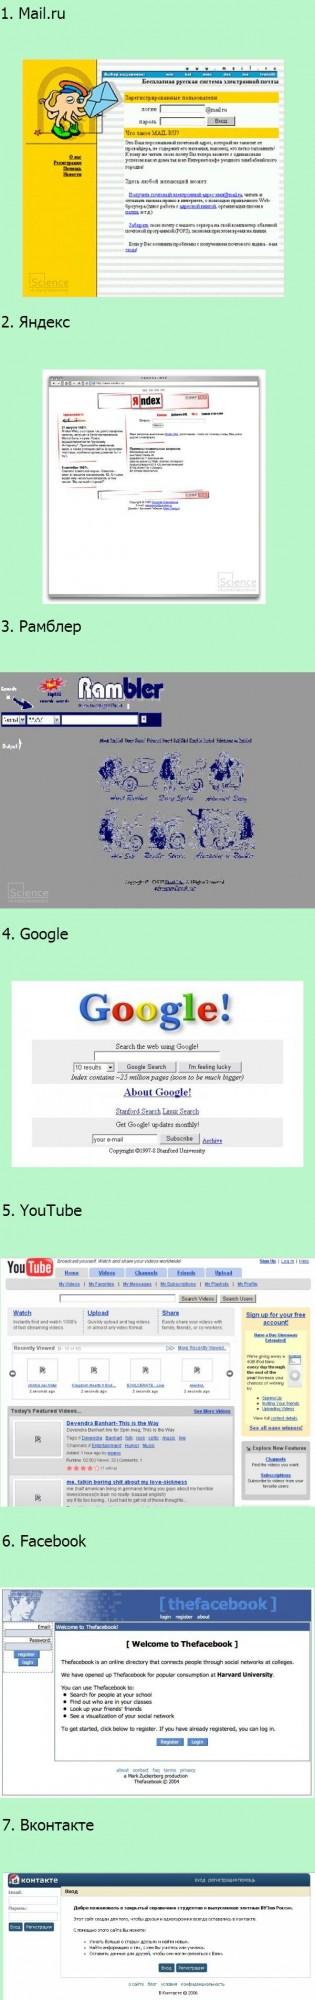 Первые варианты дизайна популярных сайтов